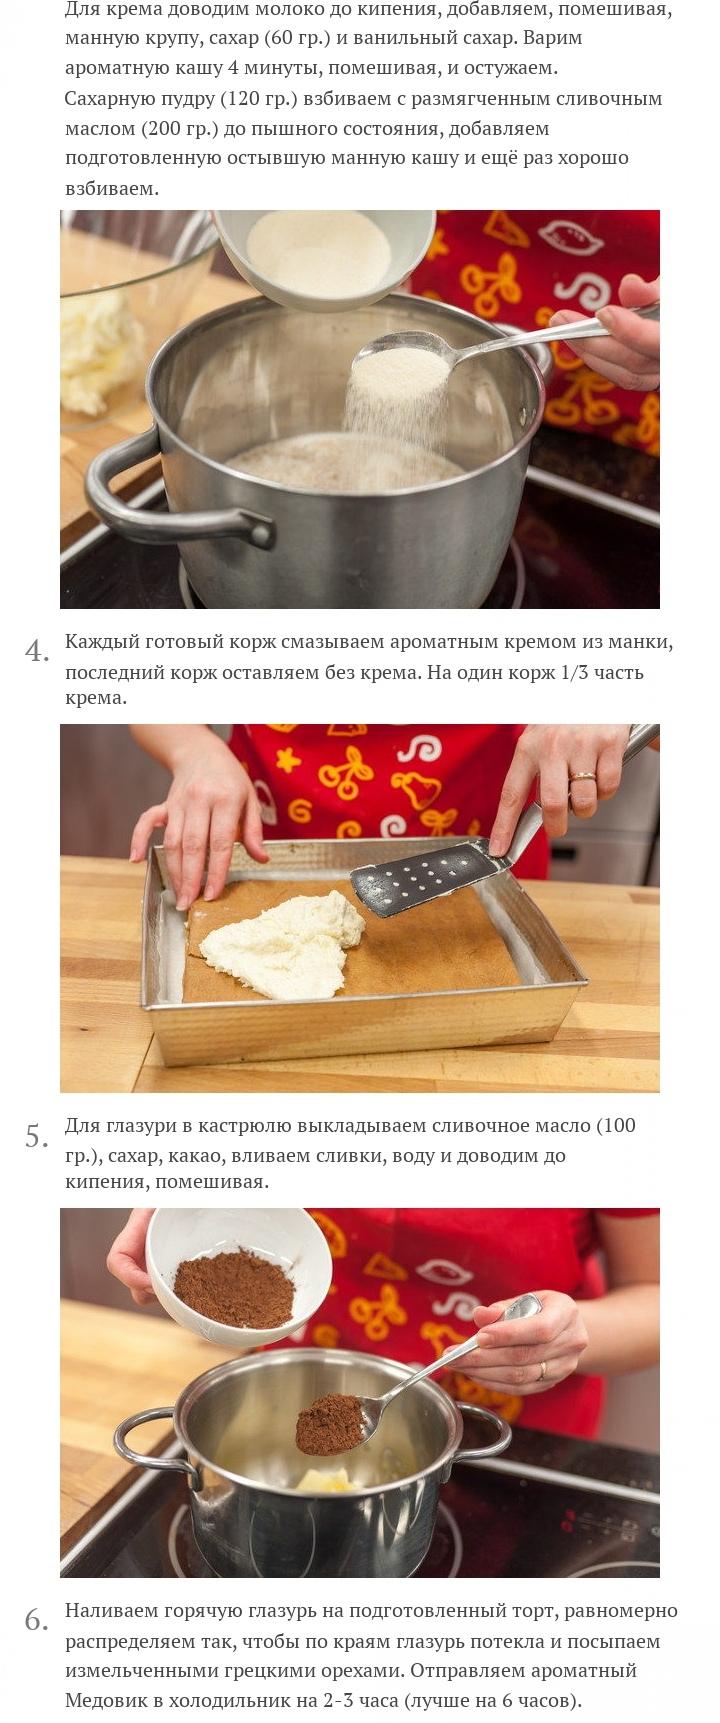 Торт Медовик с кремом из манки, изображение №3